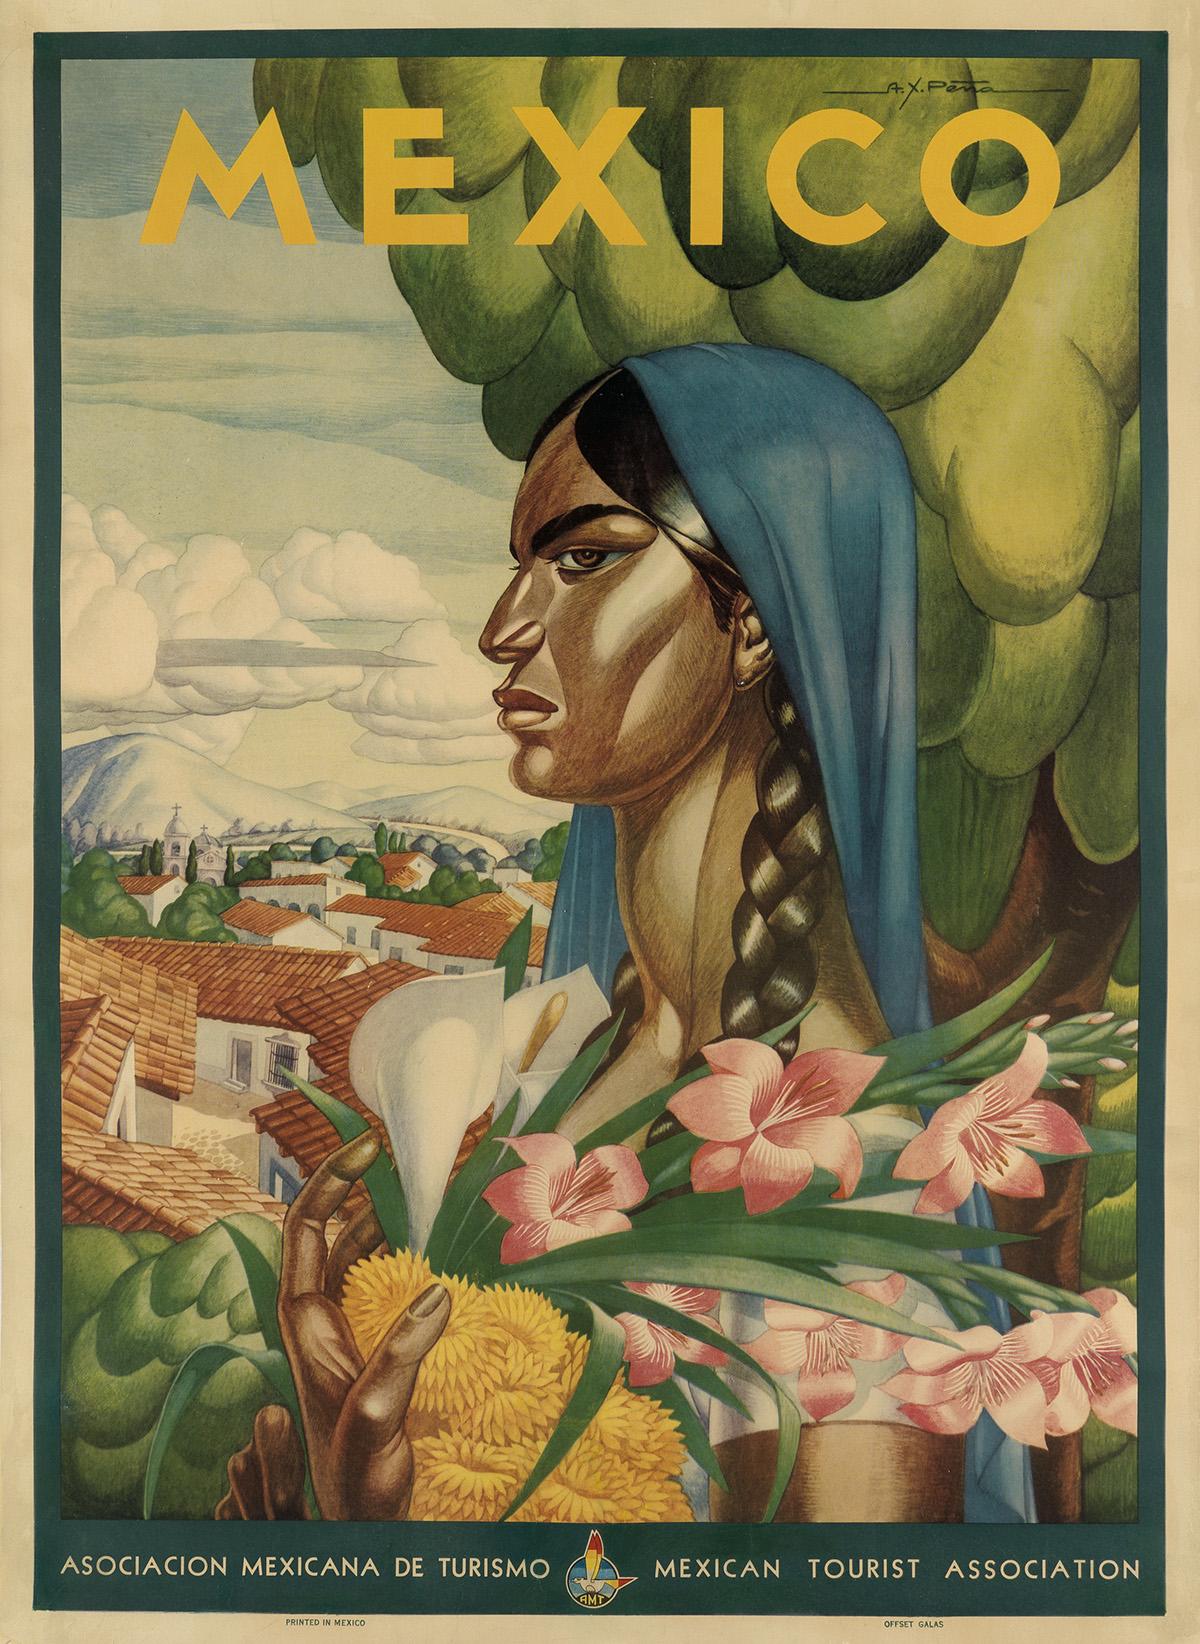 AX-PEÑA-(DATES-UNKNOWN)-MEXICO-1945-37x27-inches-94x68-cm